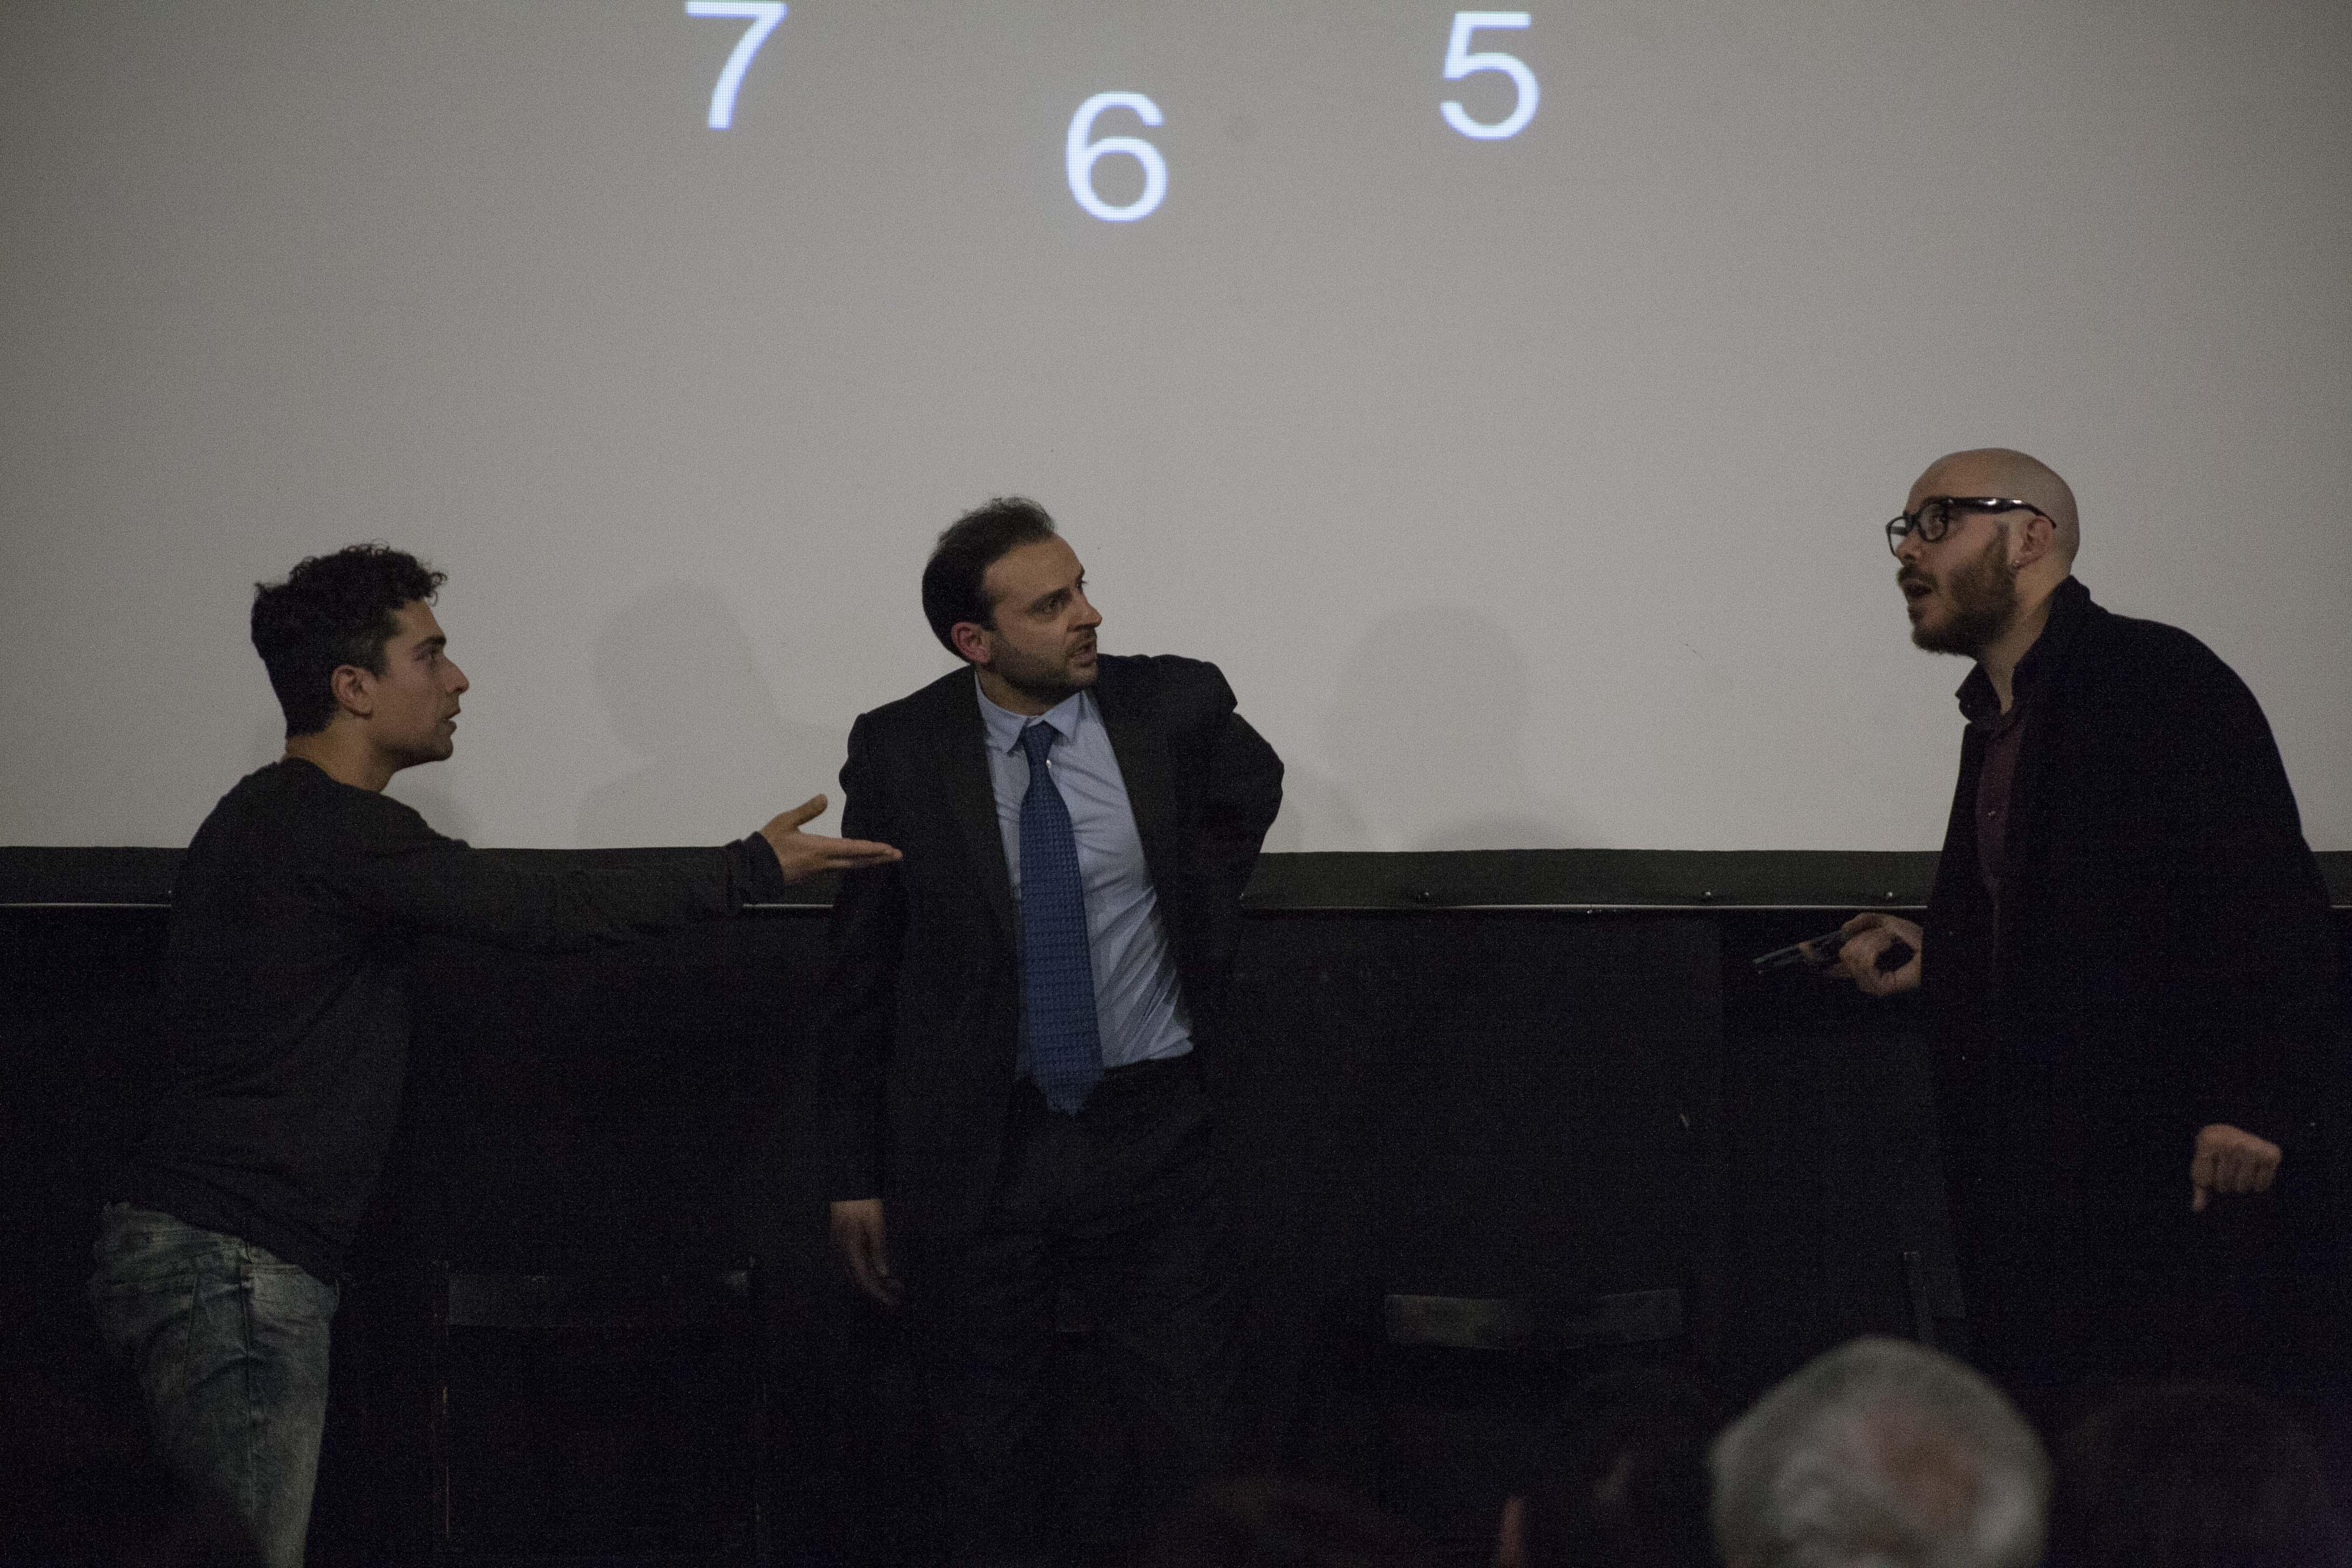 Luca Avallone, Simone Ruggiero e Alessandro Martorelli